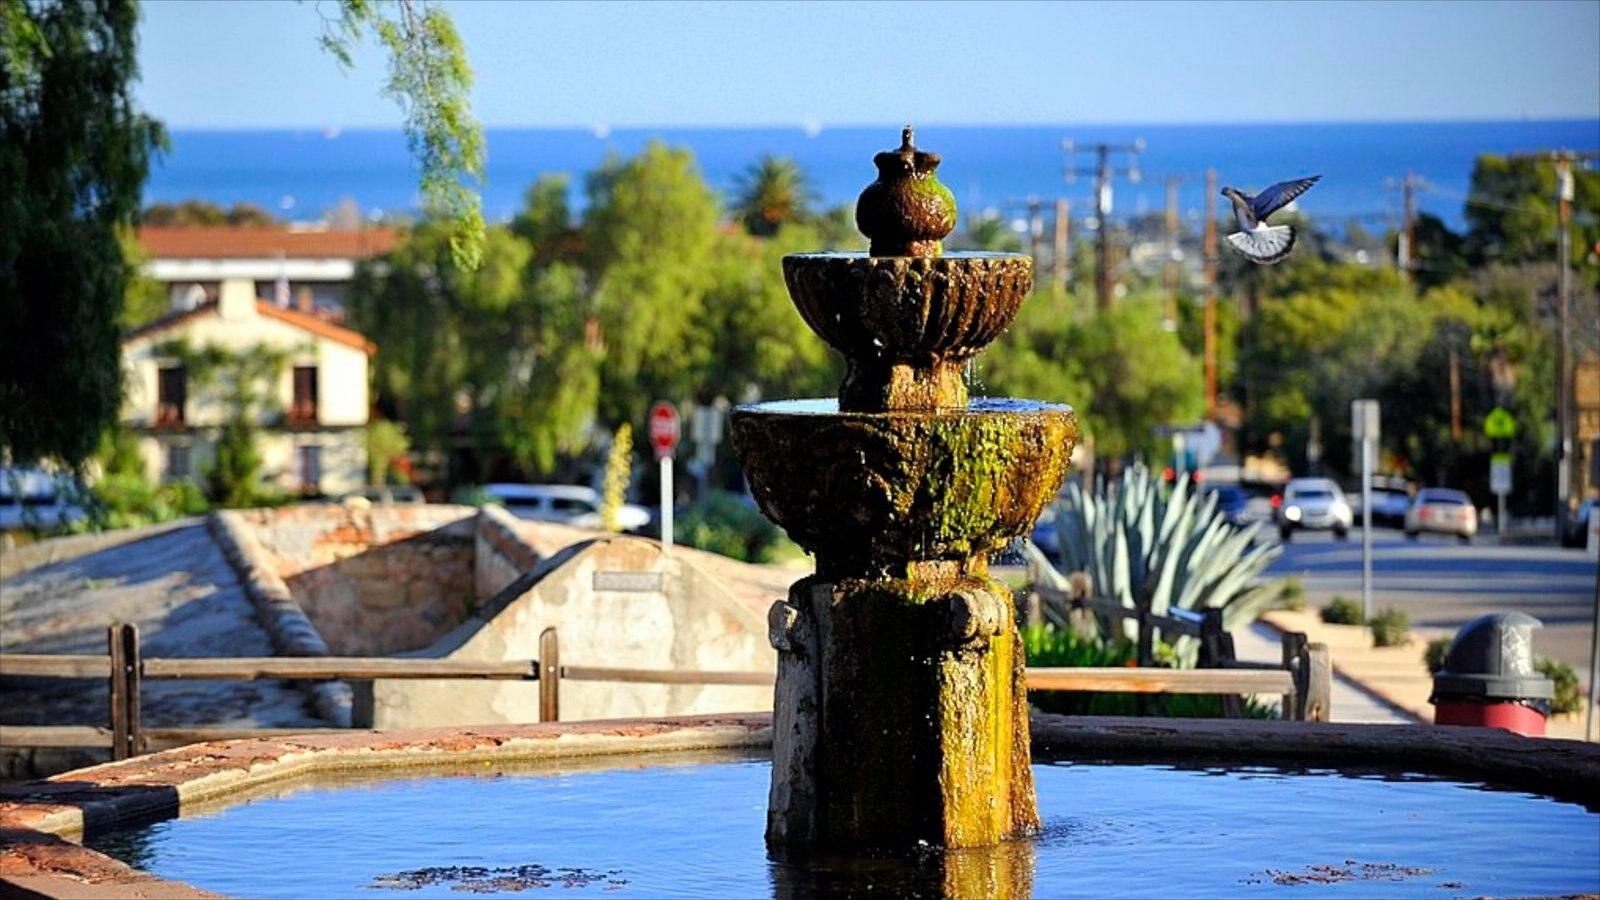 Santa Barbara caracterizando uma cidade e uma fonte